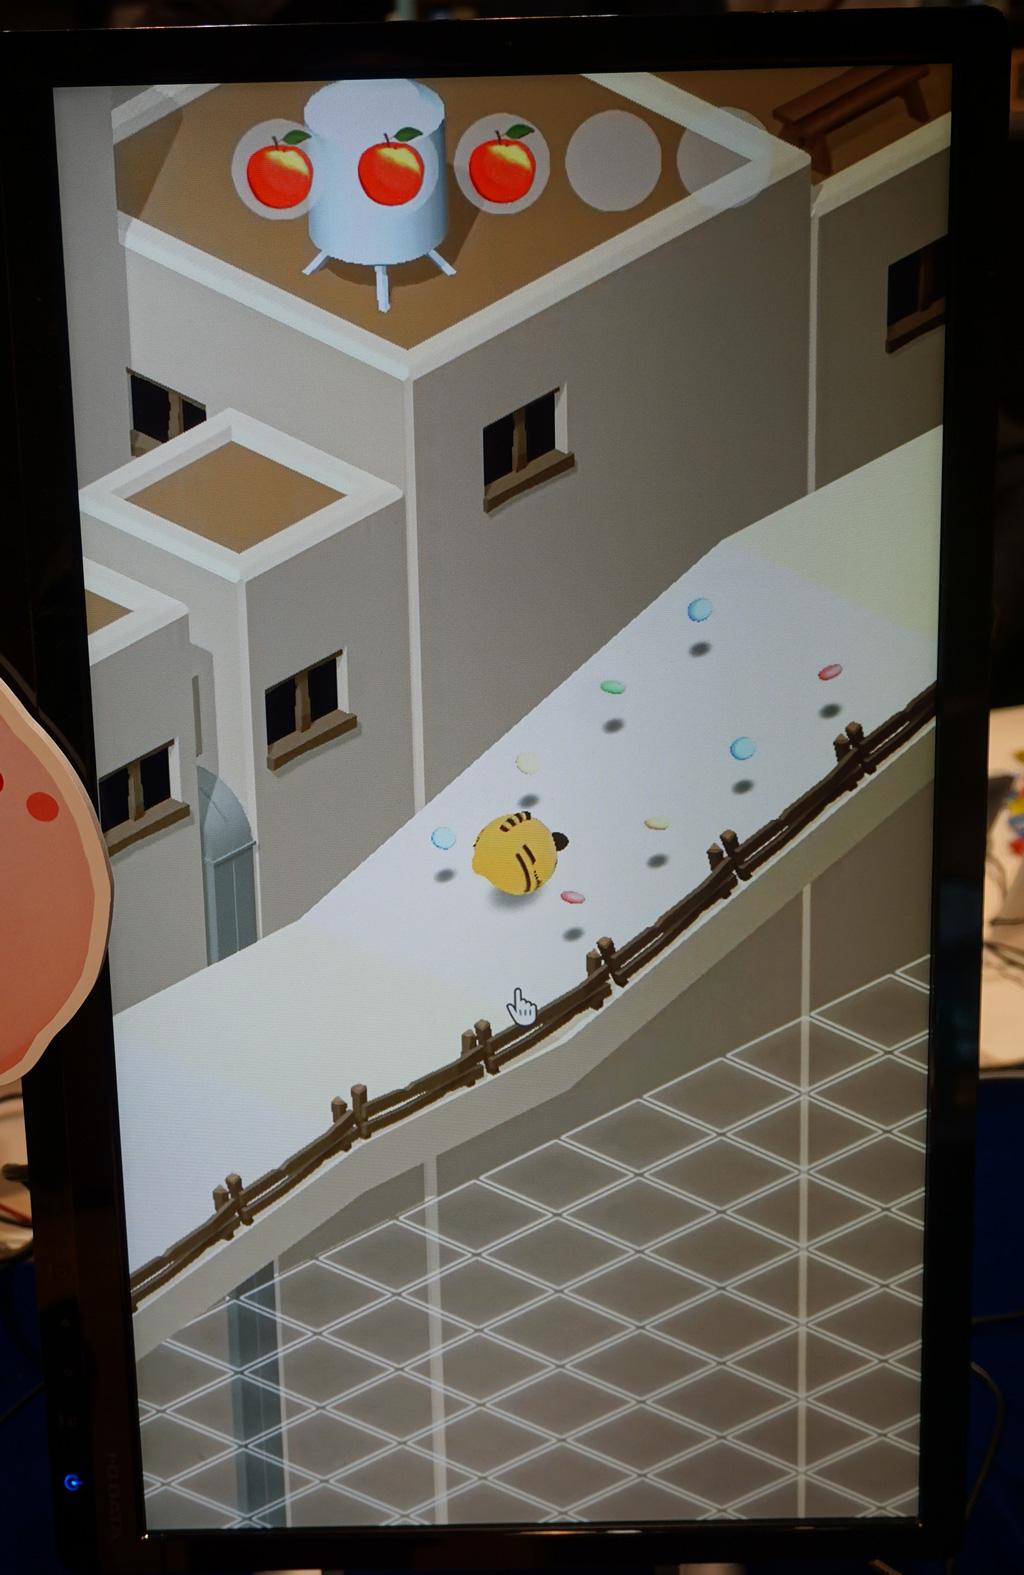 ころころかわいいアクションパズル『はむころりん』【TOKYO SANDBOX 2018】